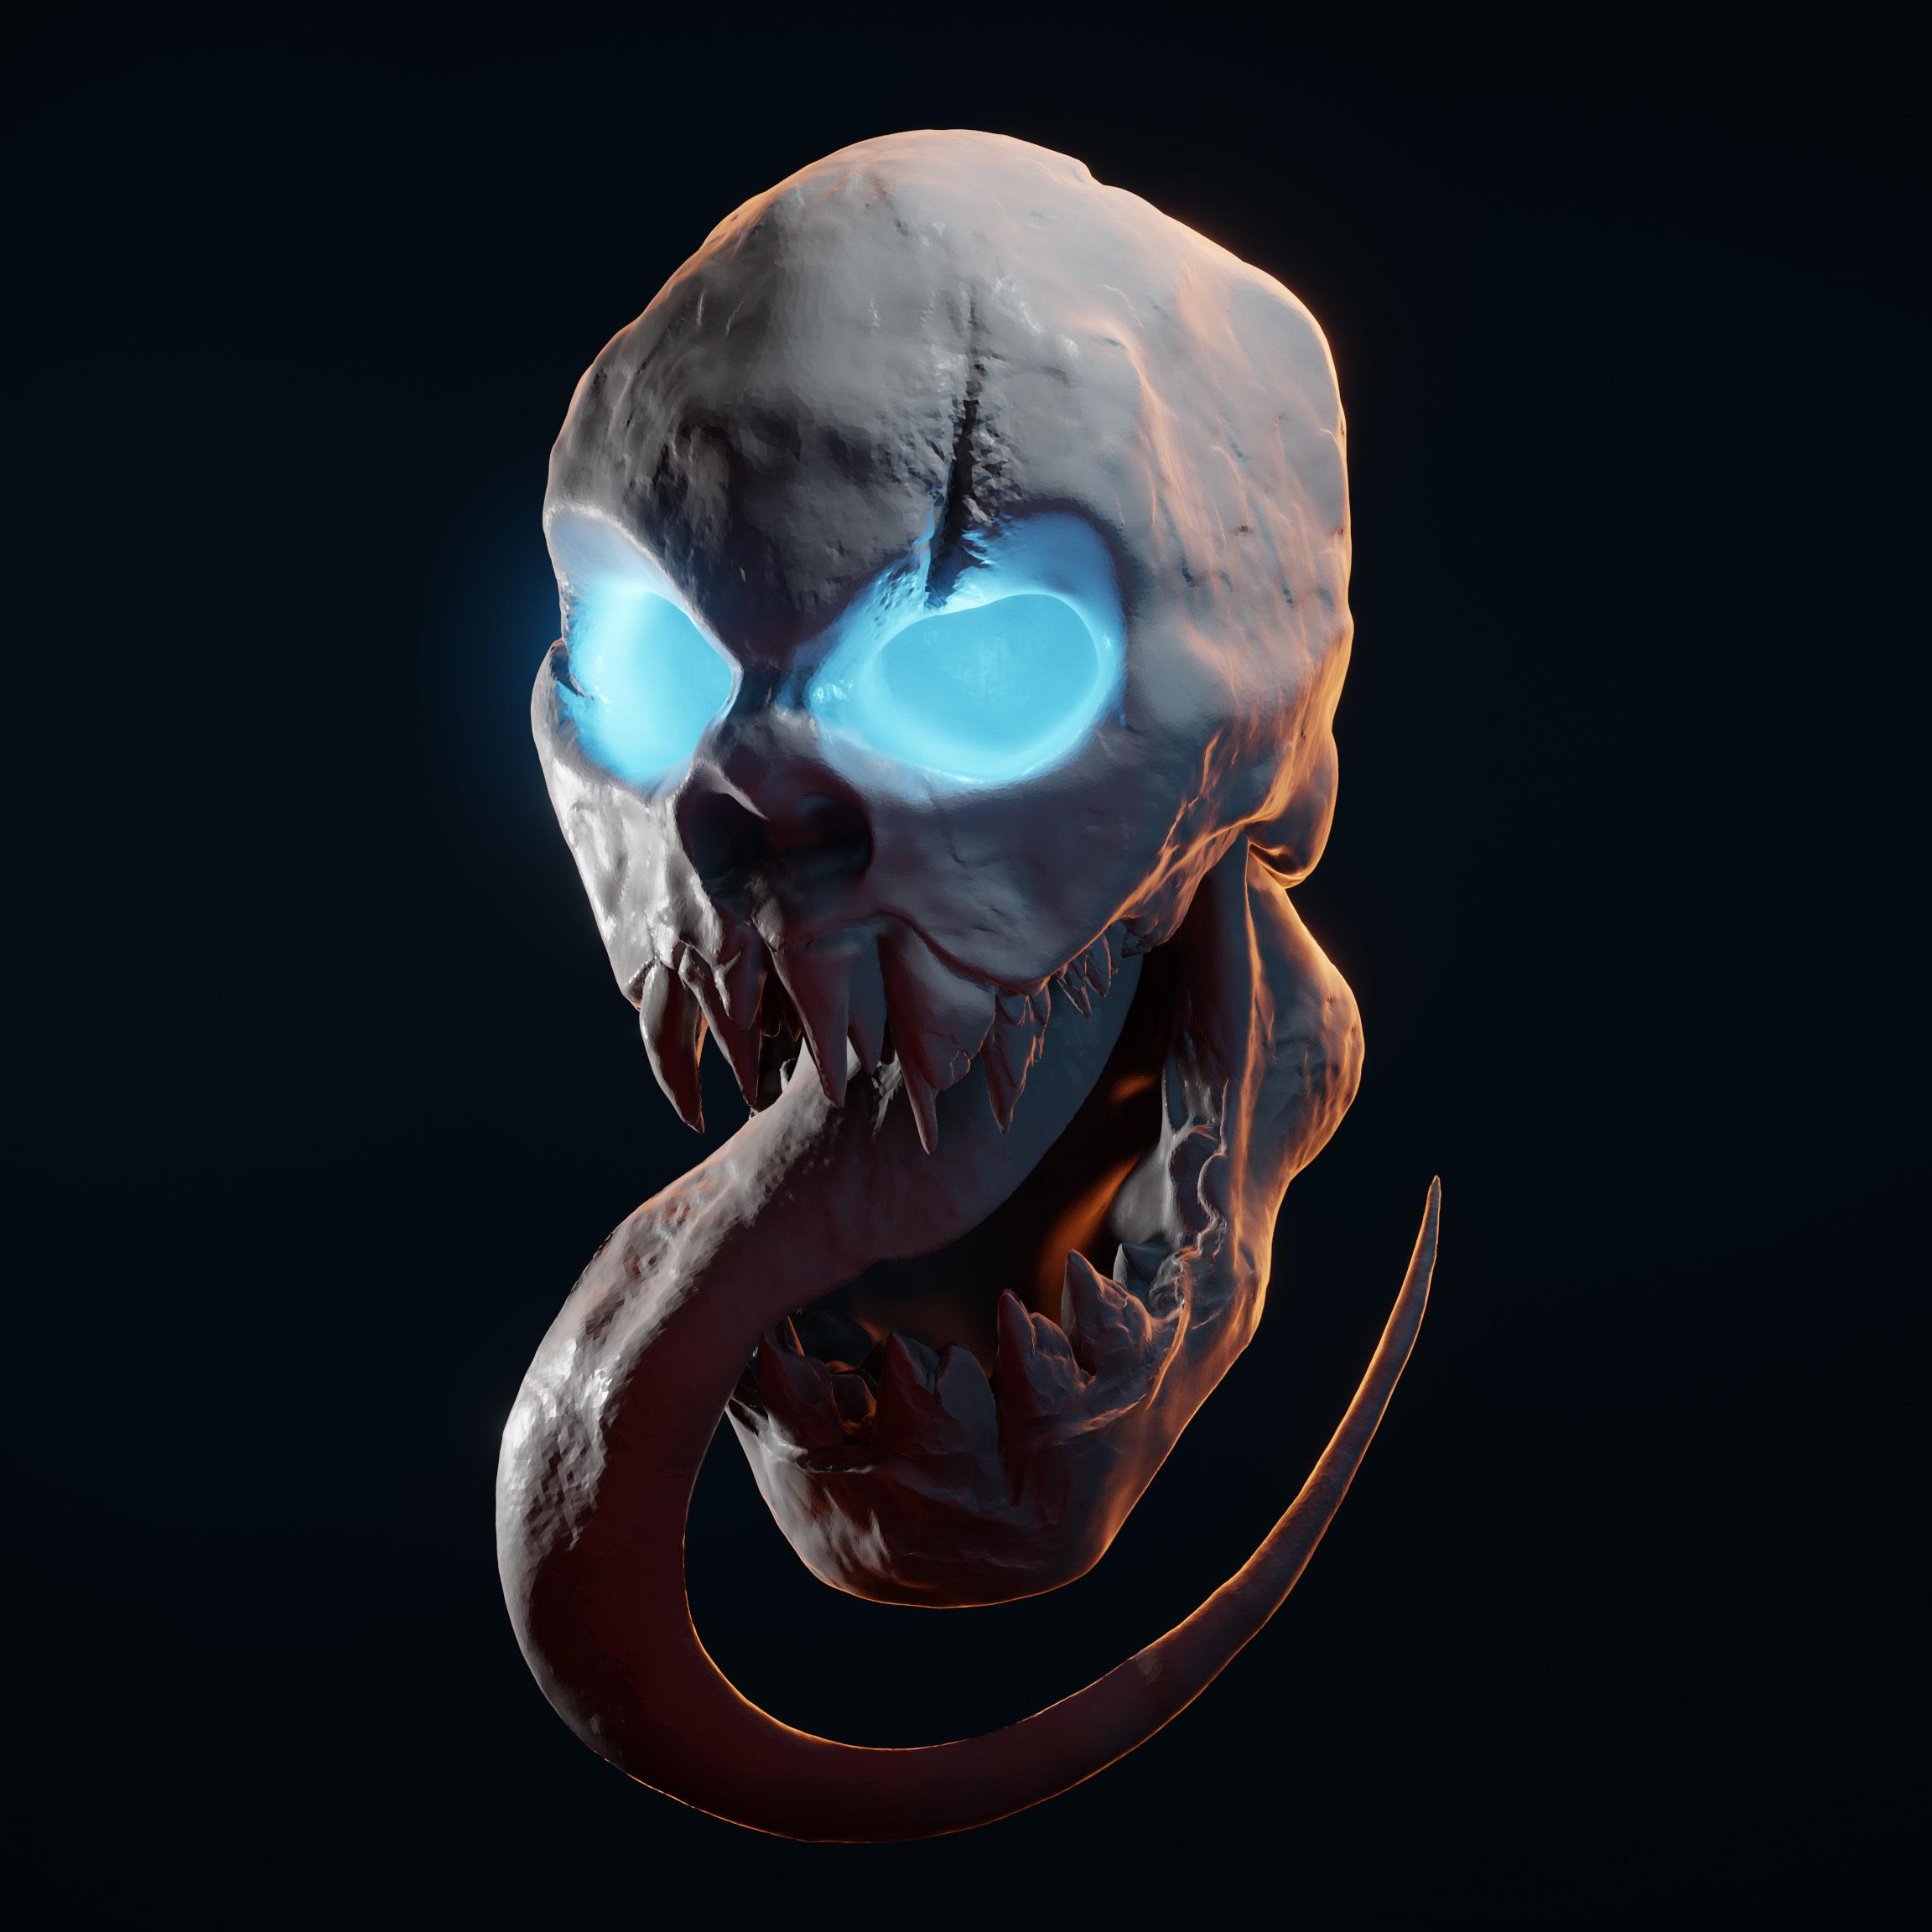 Spectral.jpg Download STL file Skull Spectral 3D Stl • 3D print object, manueldx95